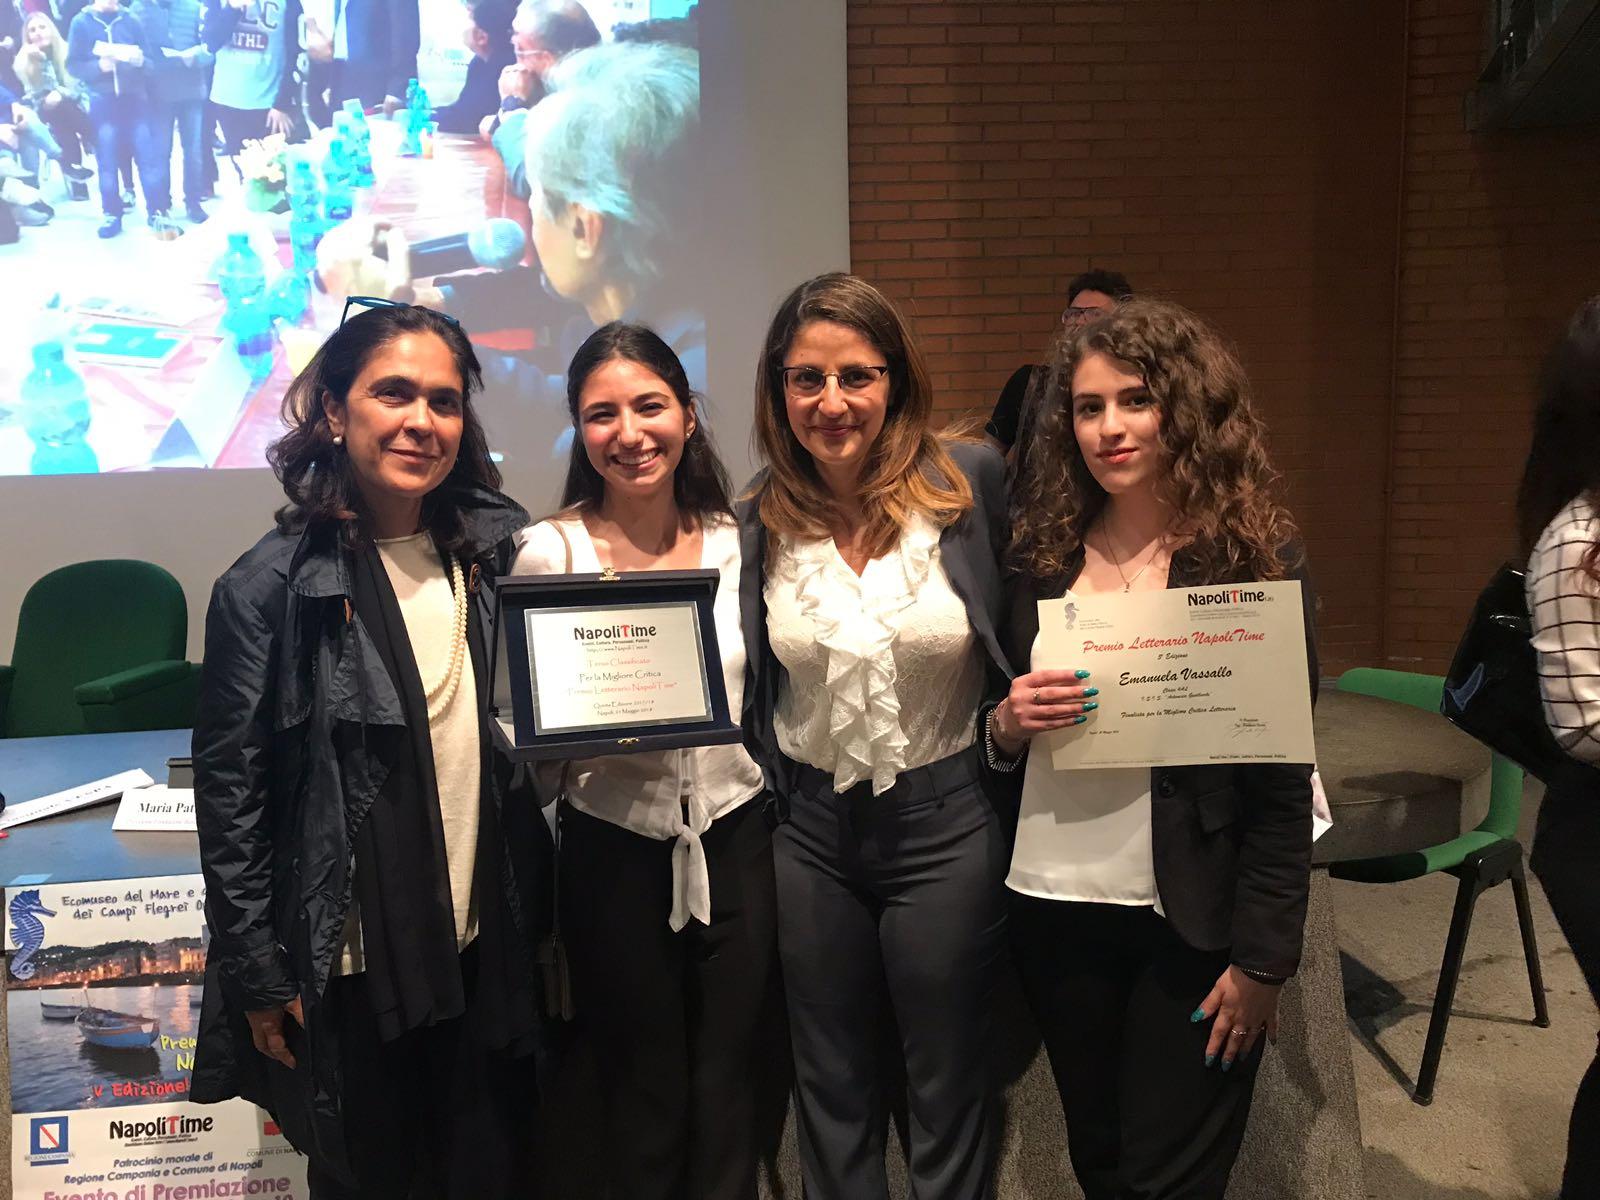 Premio letterario Napolitime V edizione